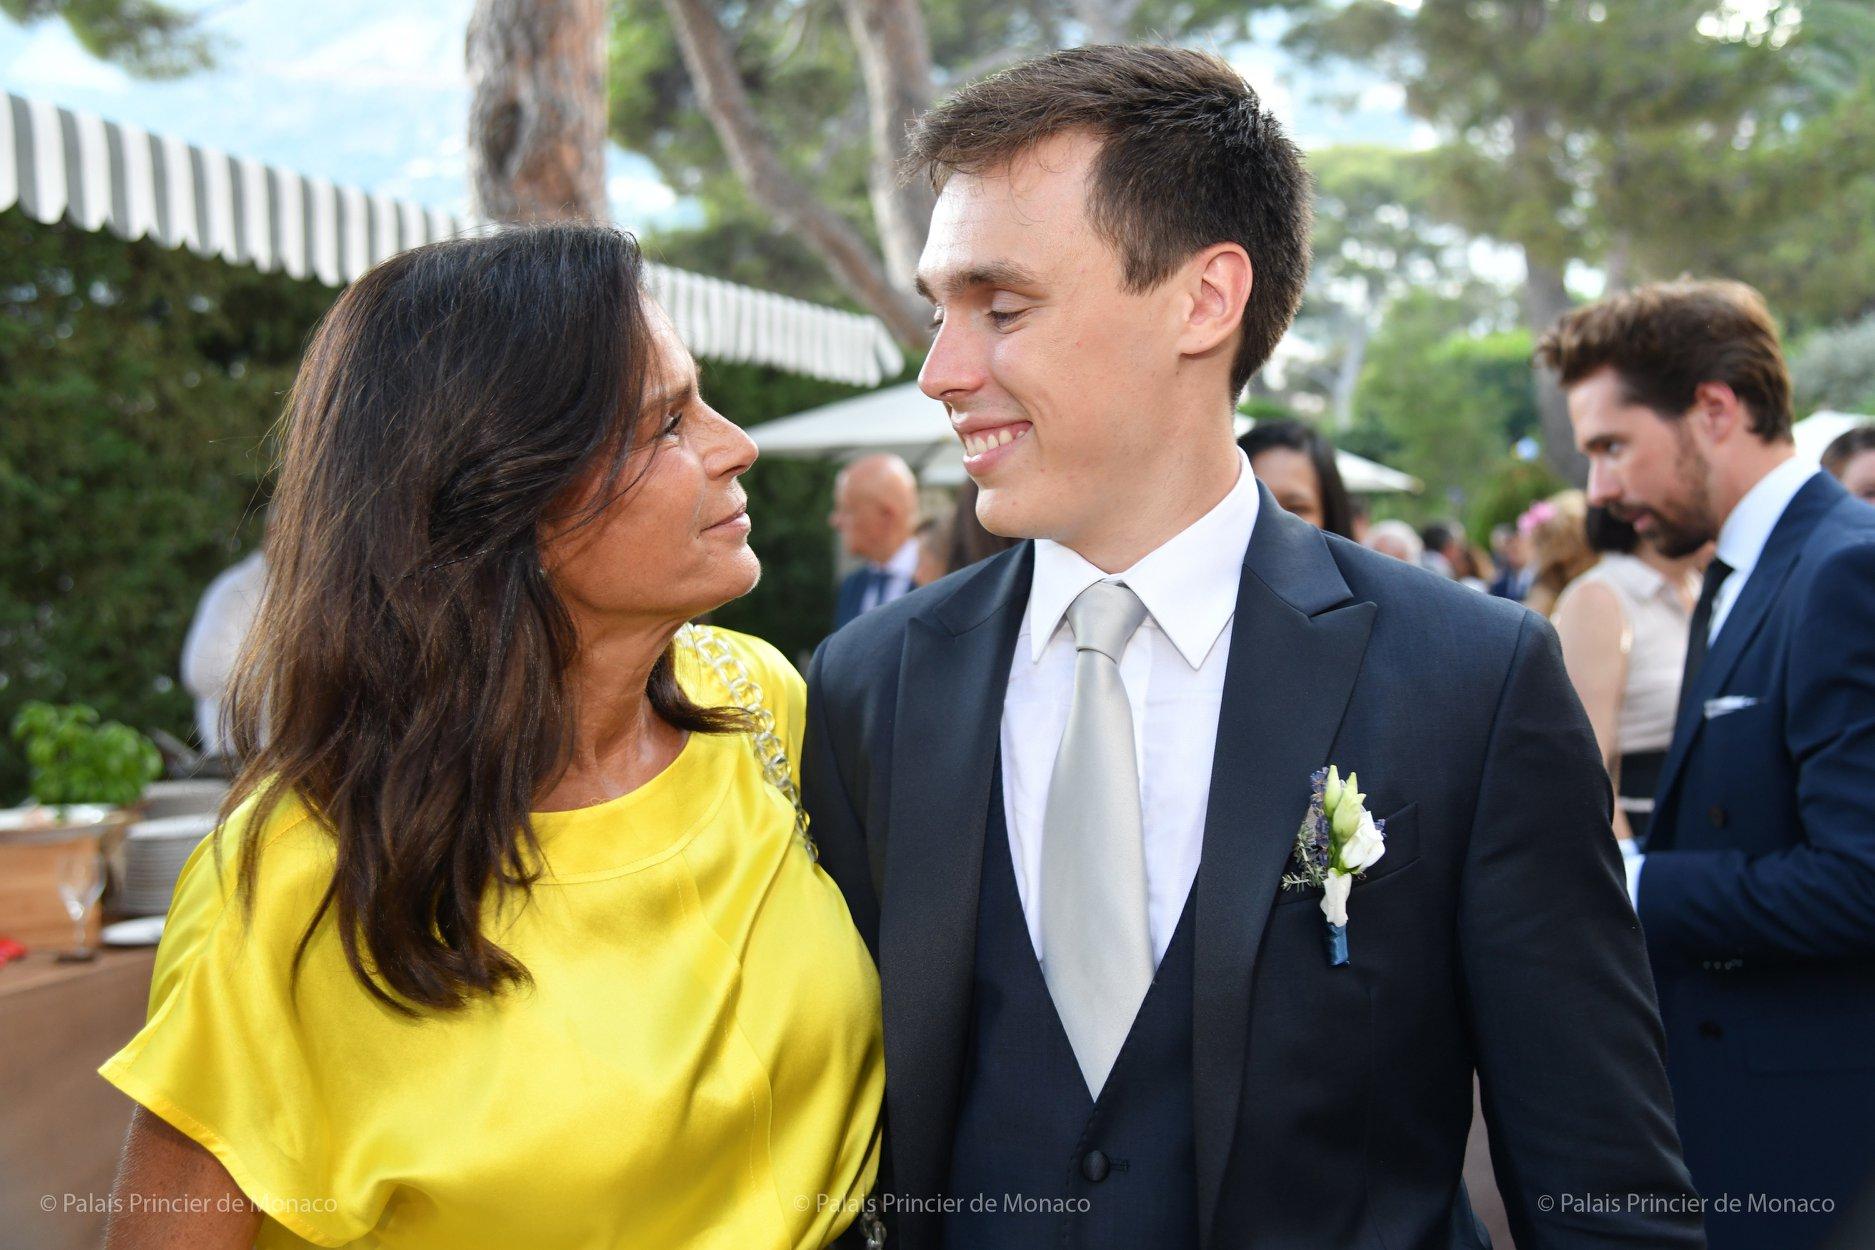 Prinzessin Stéphanie und ihr Sohn Louis Ducruet haben eine enge Bindung.  © Palais Princier de Monaco